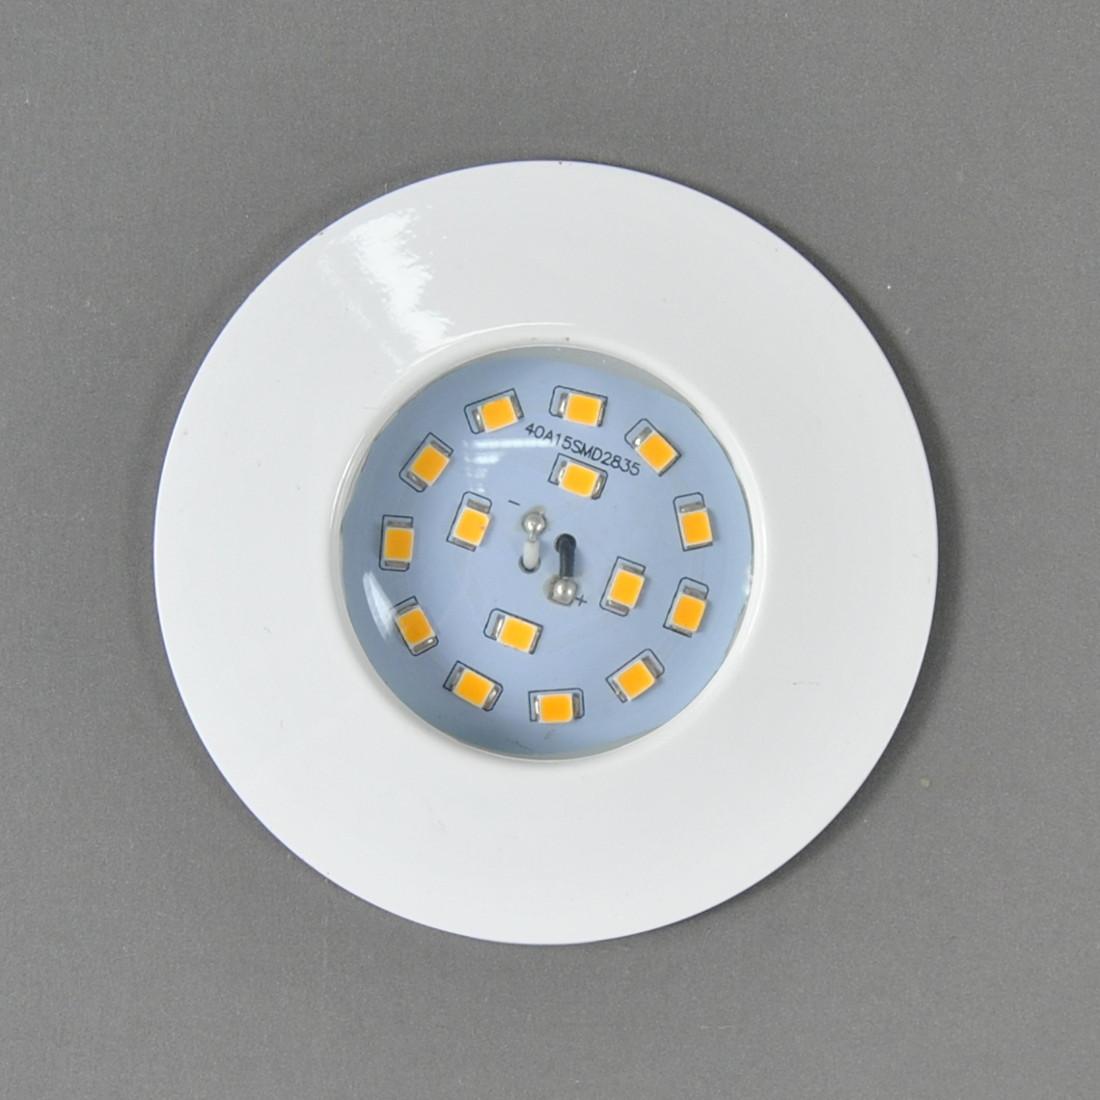 LED Einbauleuchte Darlux 61168519 Einbauspot 5W weiß IP44